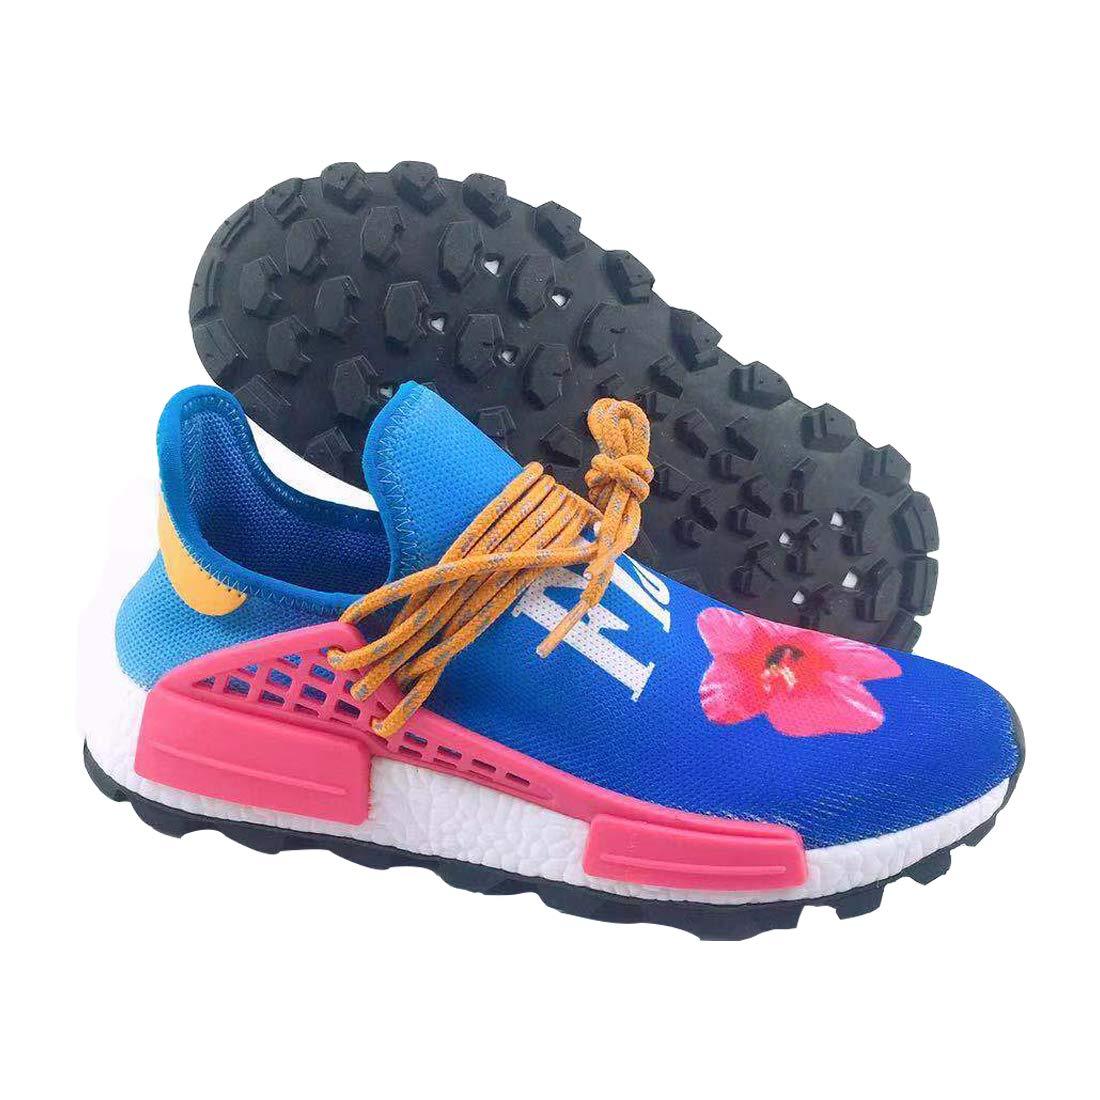 HU Human Race Scarpe da Ginnastica da Uomo Uomo Uomo Running scarpe da ginnastica da Donna 1 95b192